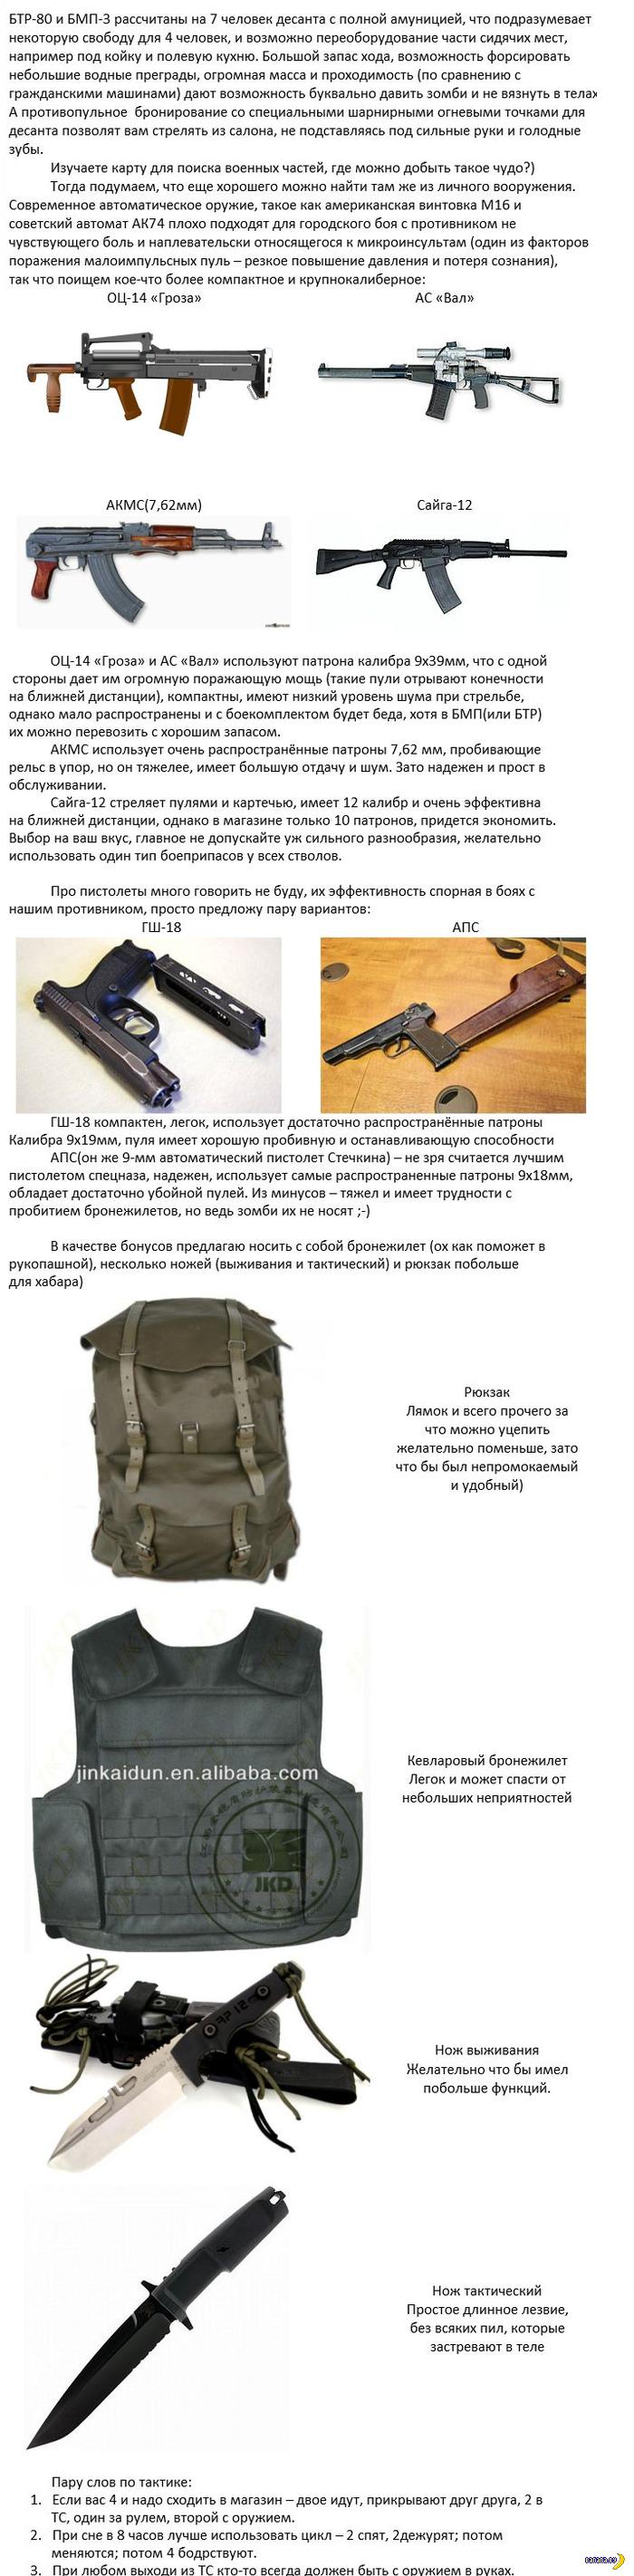 Снаряжение для зомбоапокалипсиса